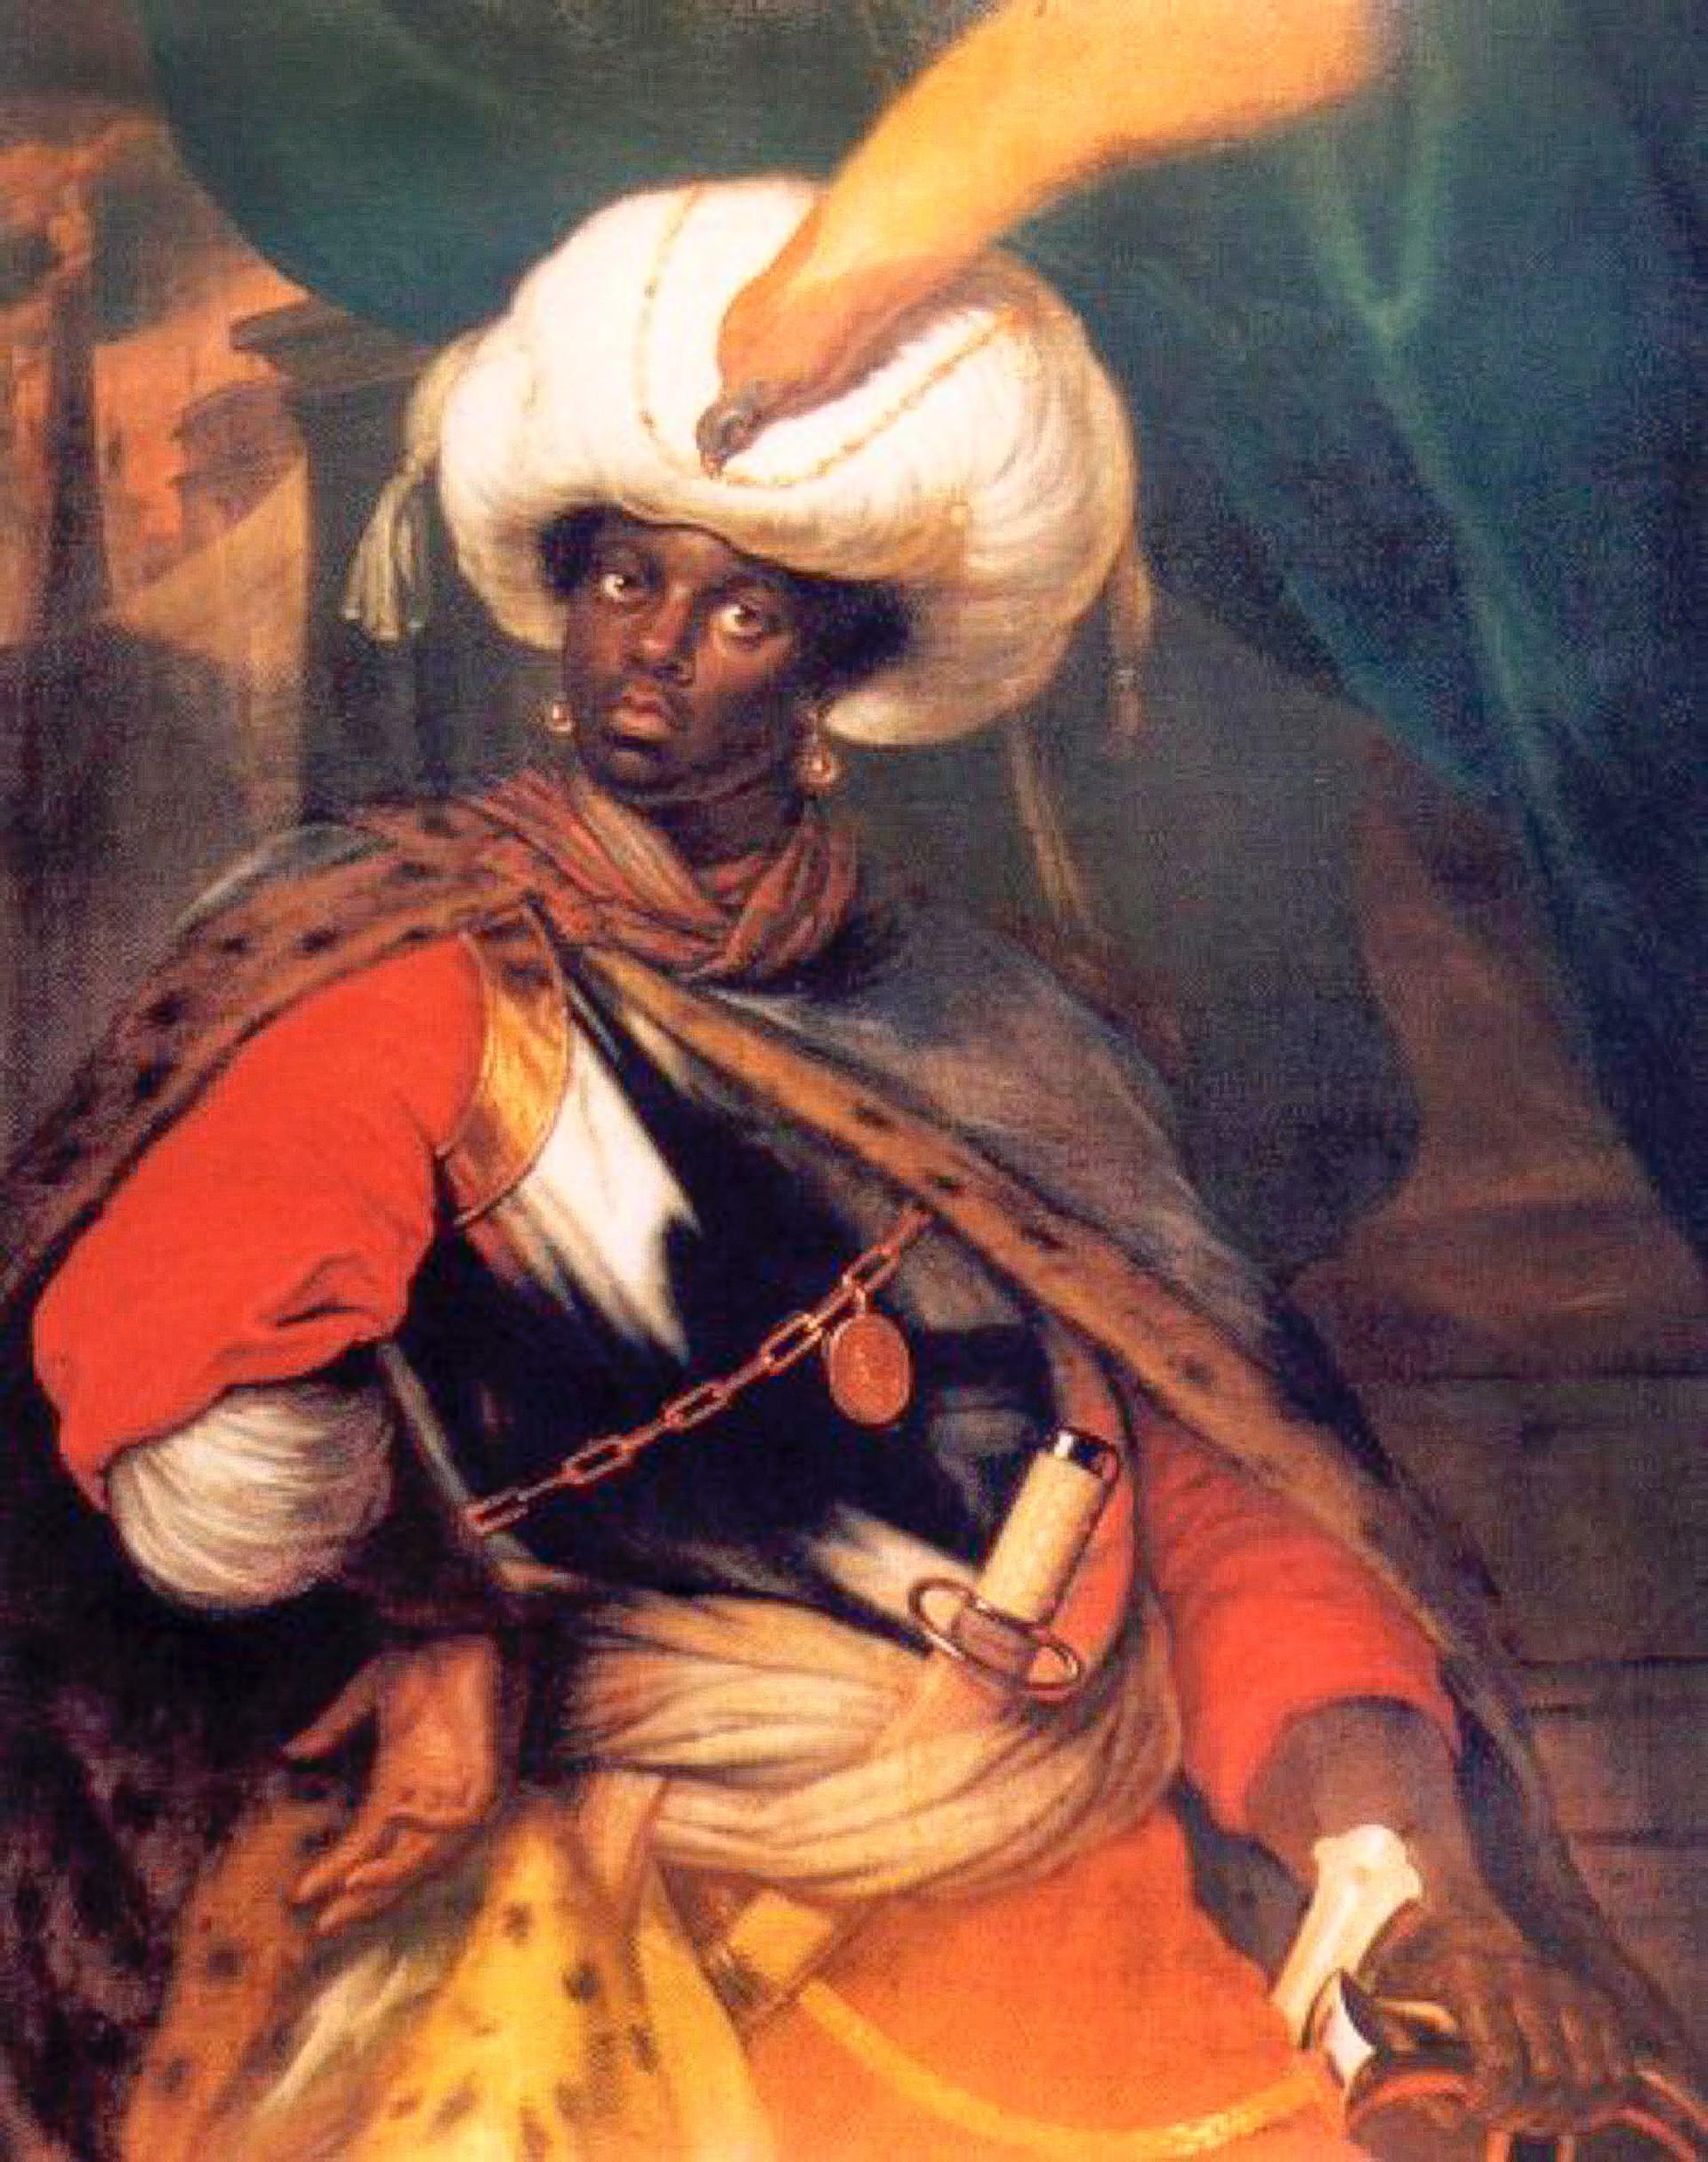 Porträt von (angeblich) dem jungen Ibrahim Hannibal